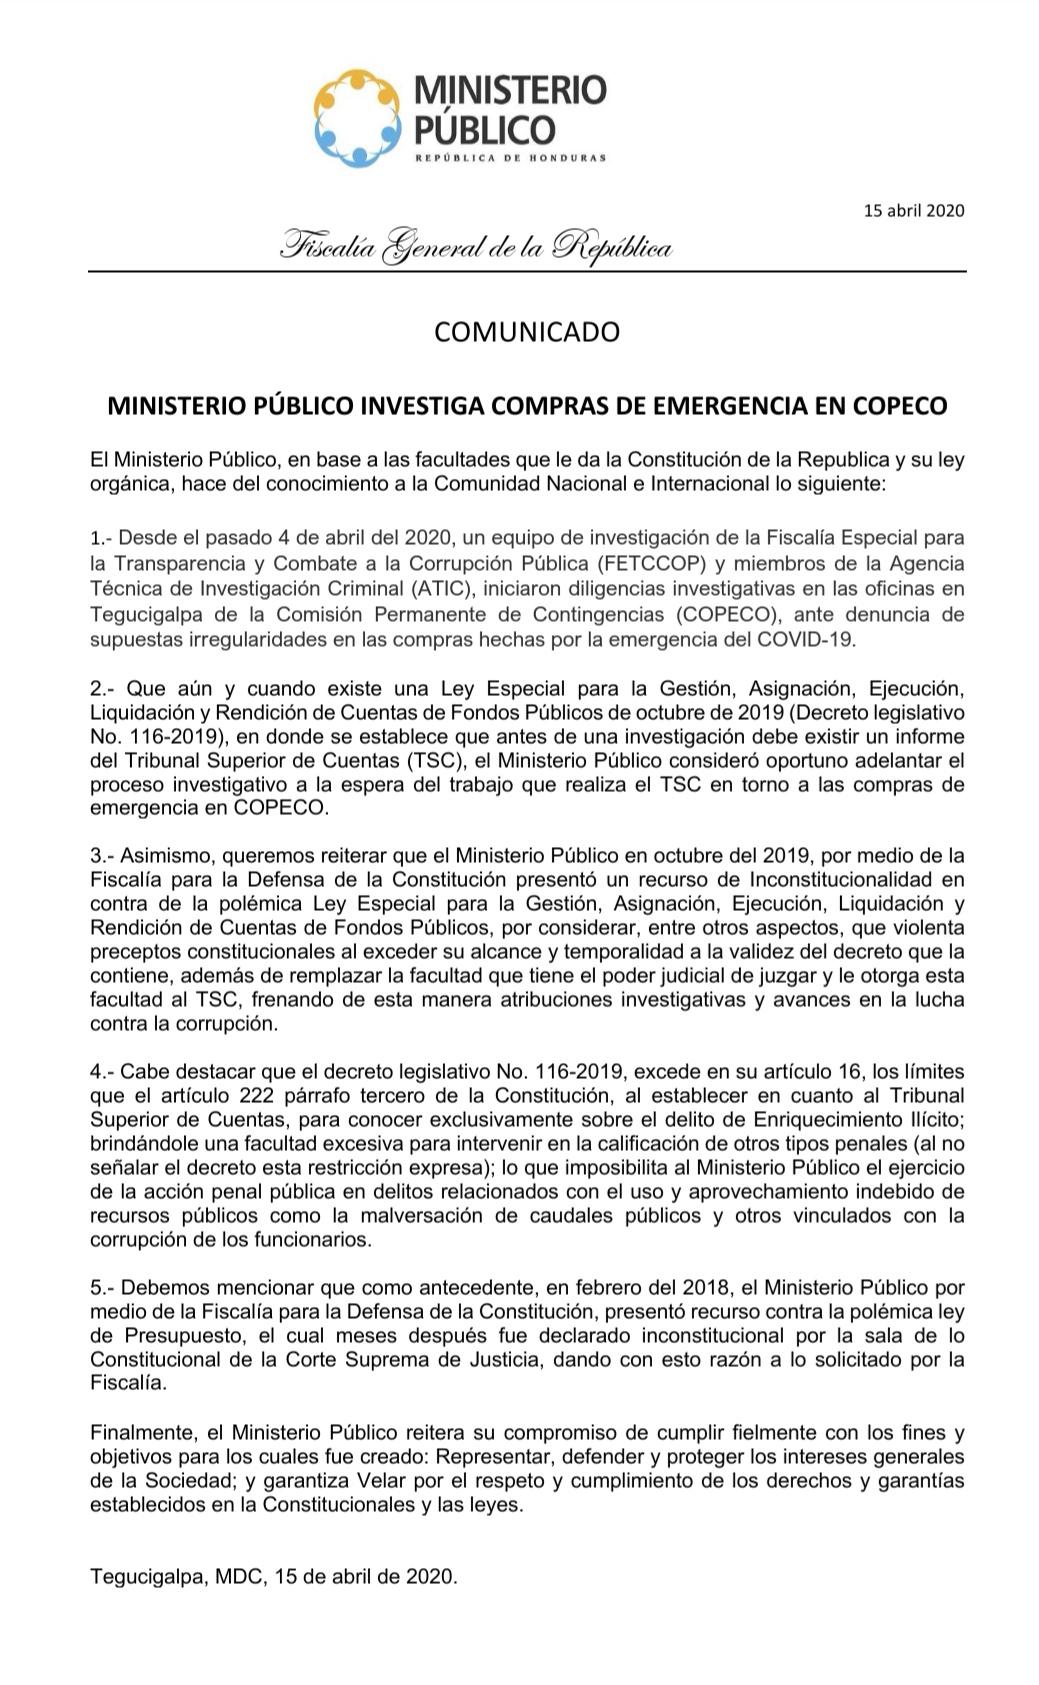 Abren investigación por compras en COPECO bajo emergencia por COVID-19